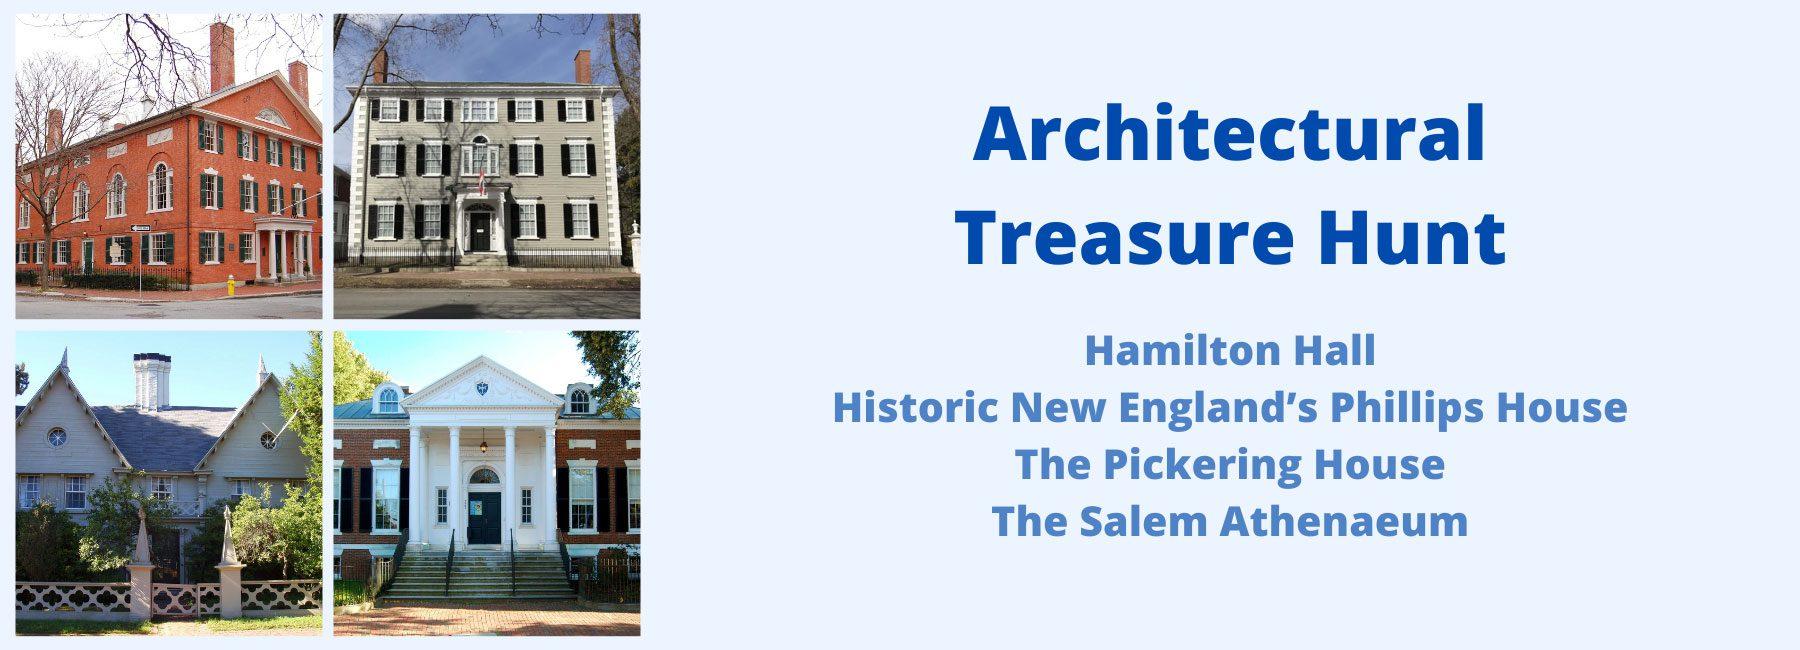 Architectural Treasure Hunt